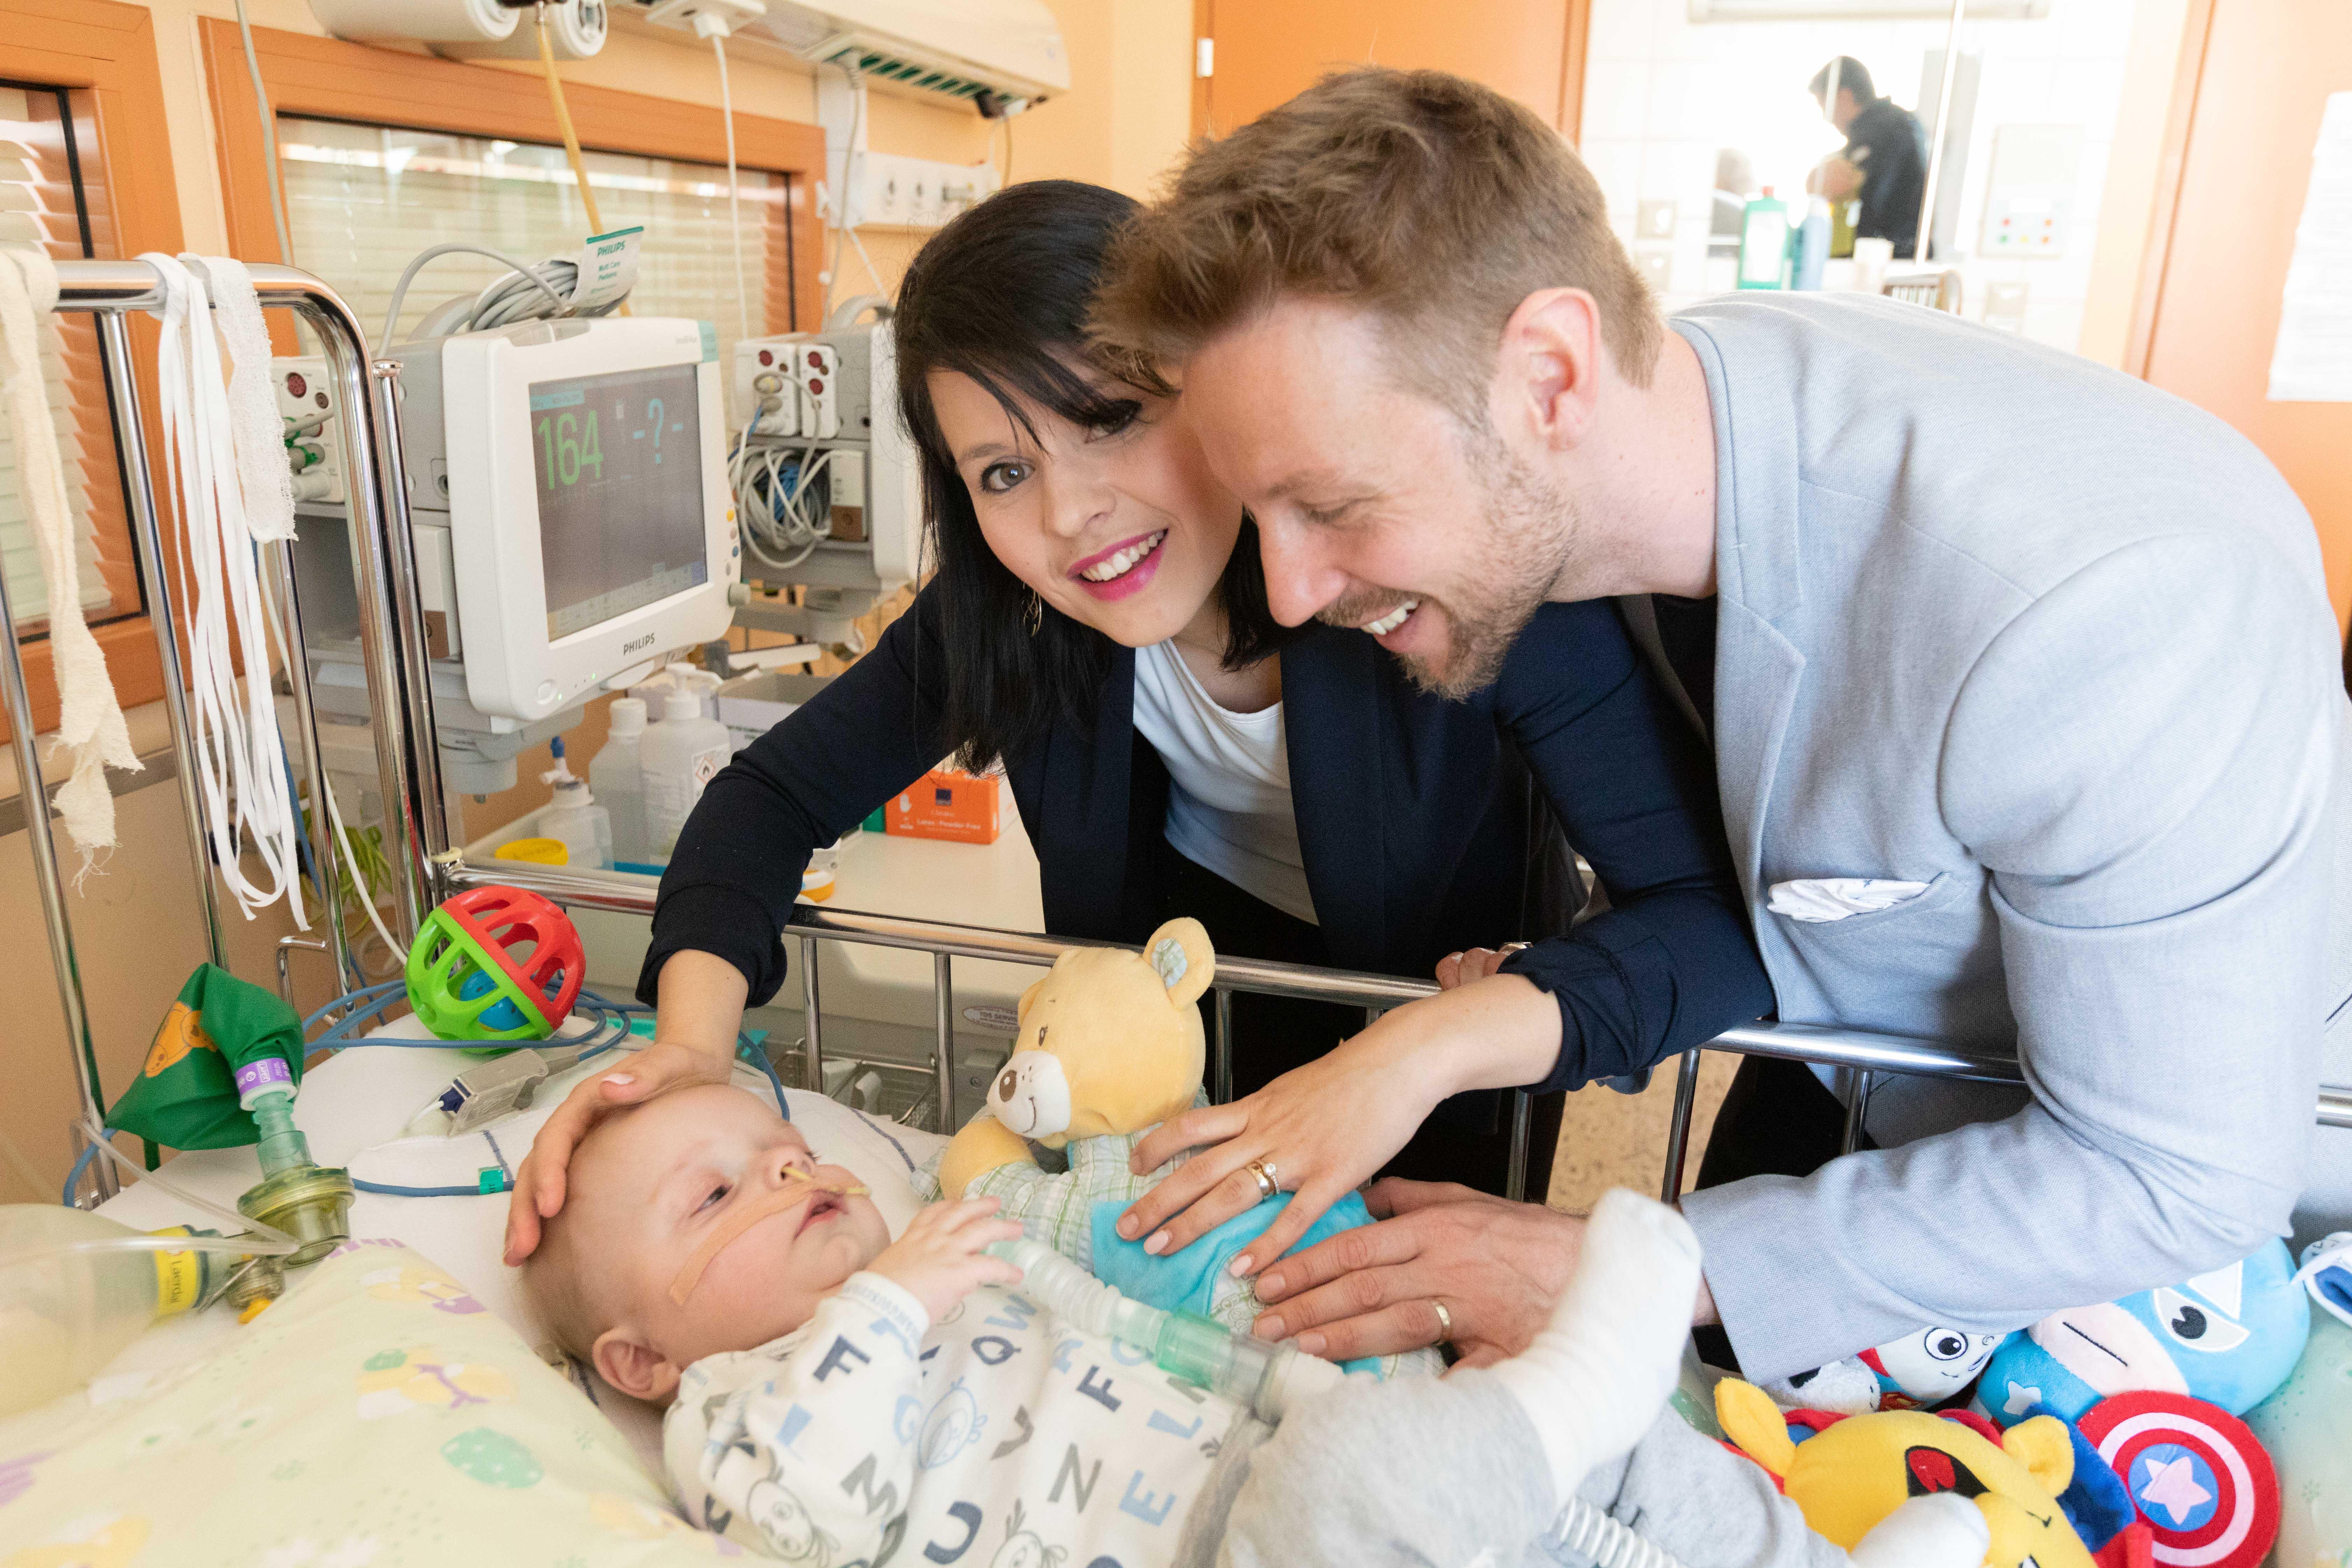 Sklad Viljem juklijan je doniral 3.000€ fantku Luku, ki že od rojstva dalje svoje dni preživlja v bolnišnicah zaradi težke smrtonosne redke bolezni kogenitalne diafragmalne hernije.